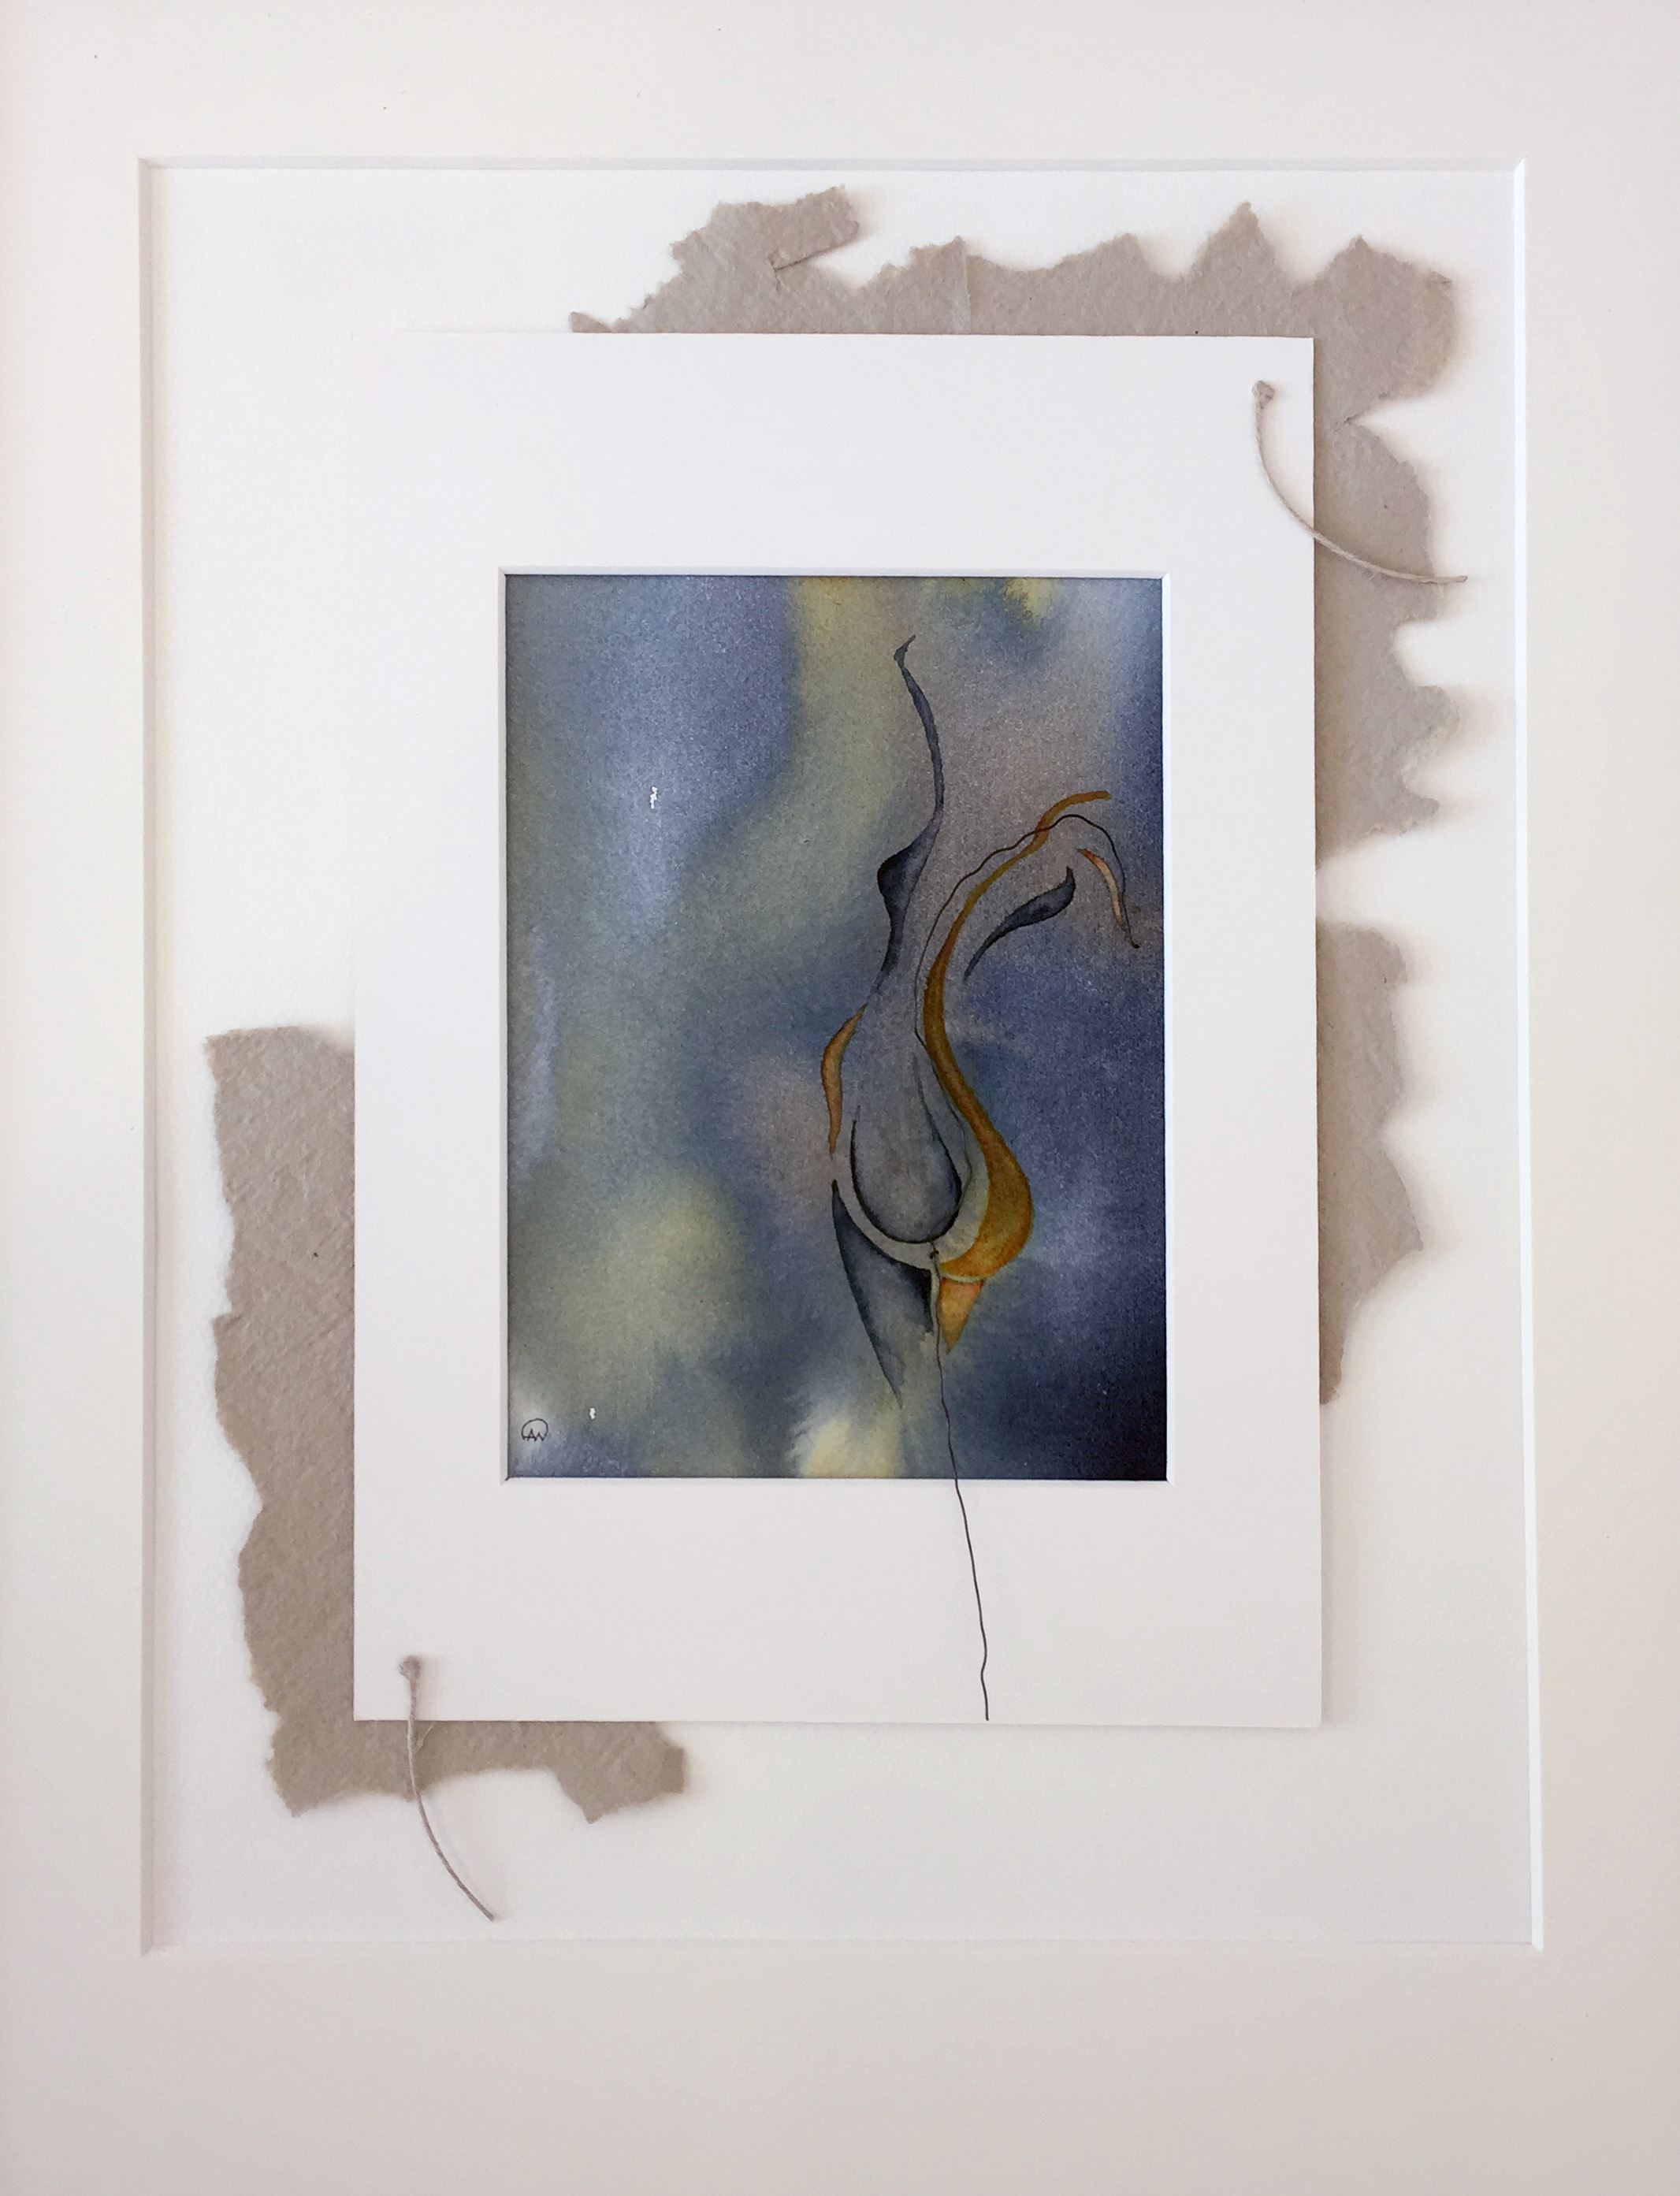 Trådlöst - Utställning Anna Winther